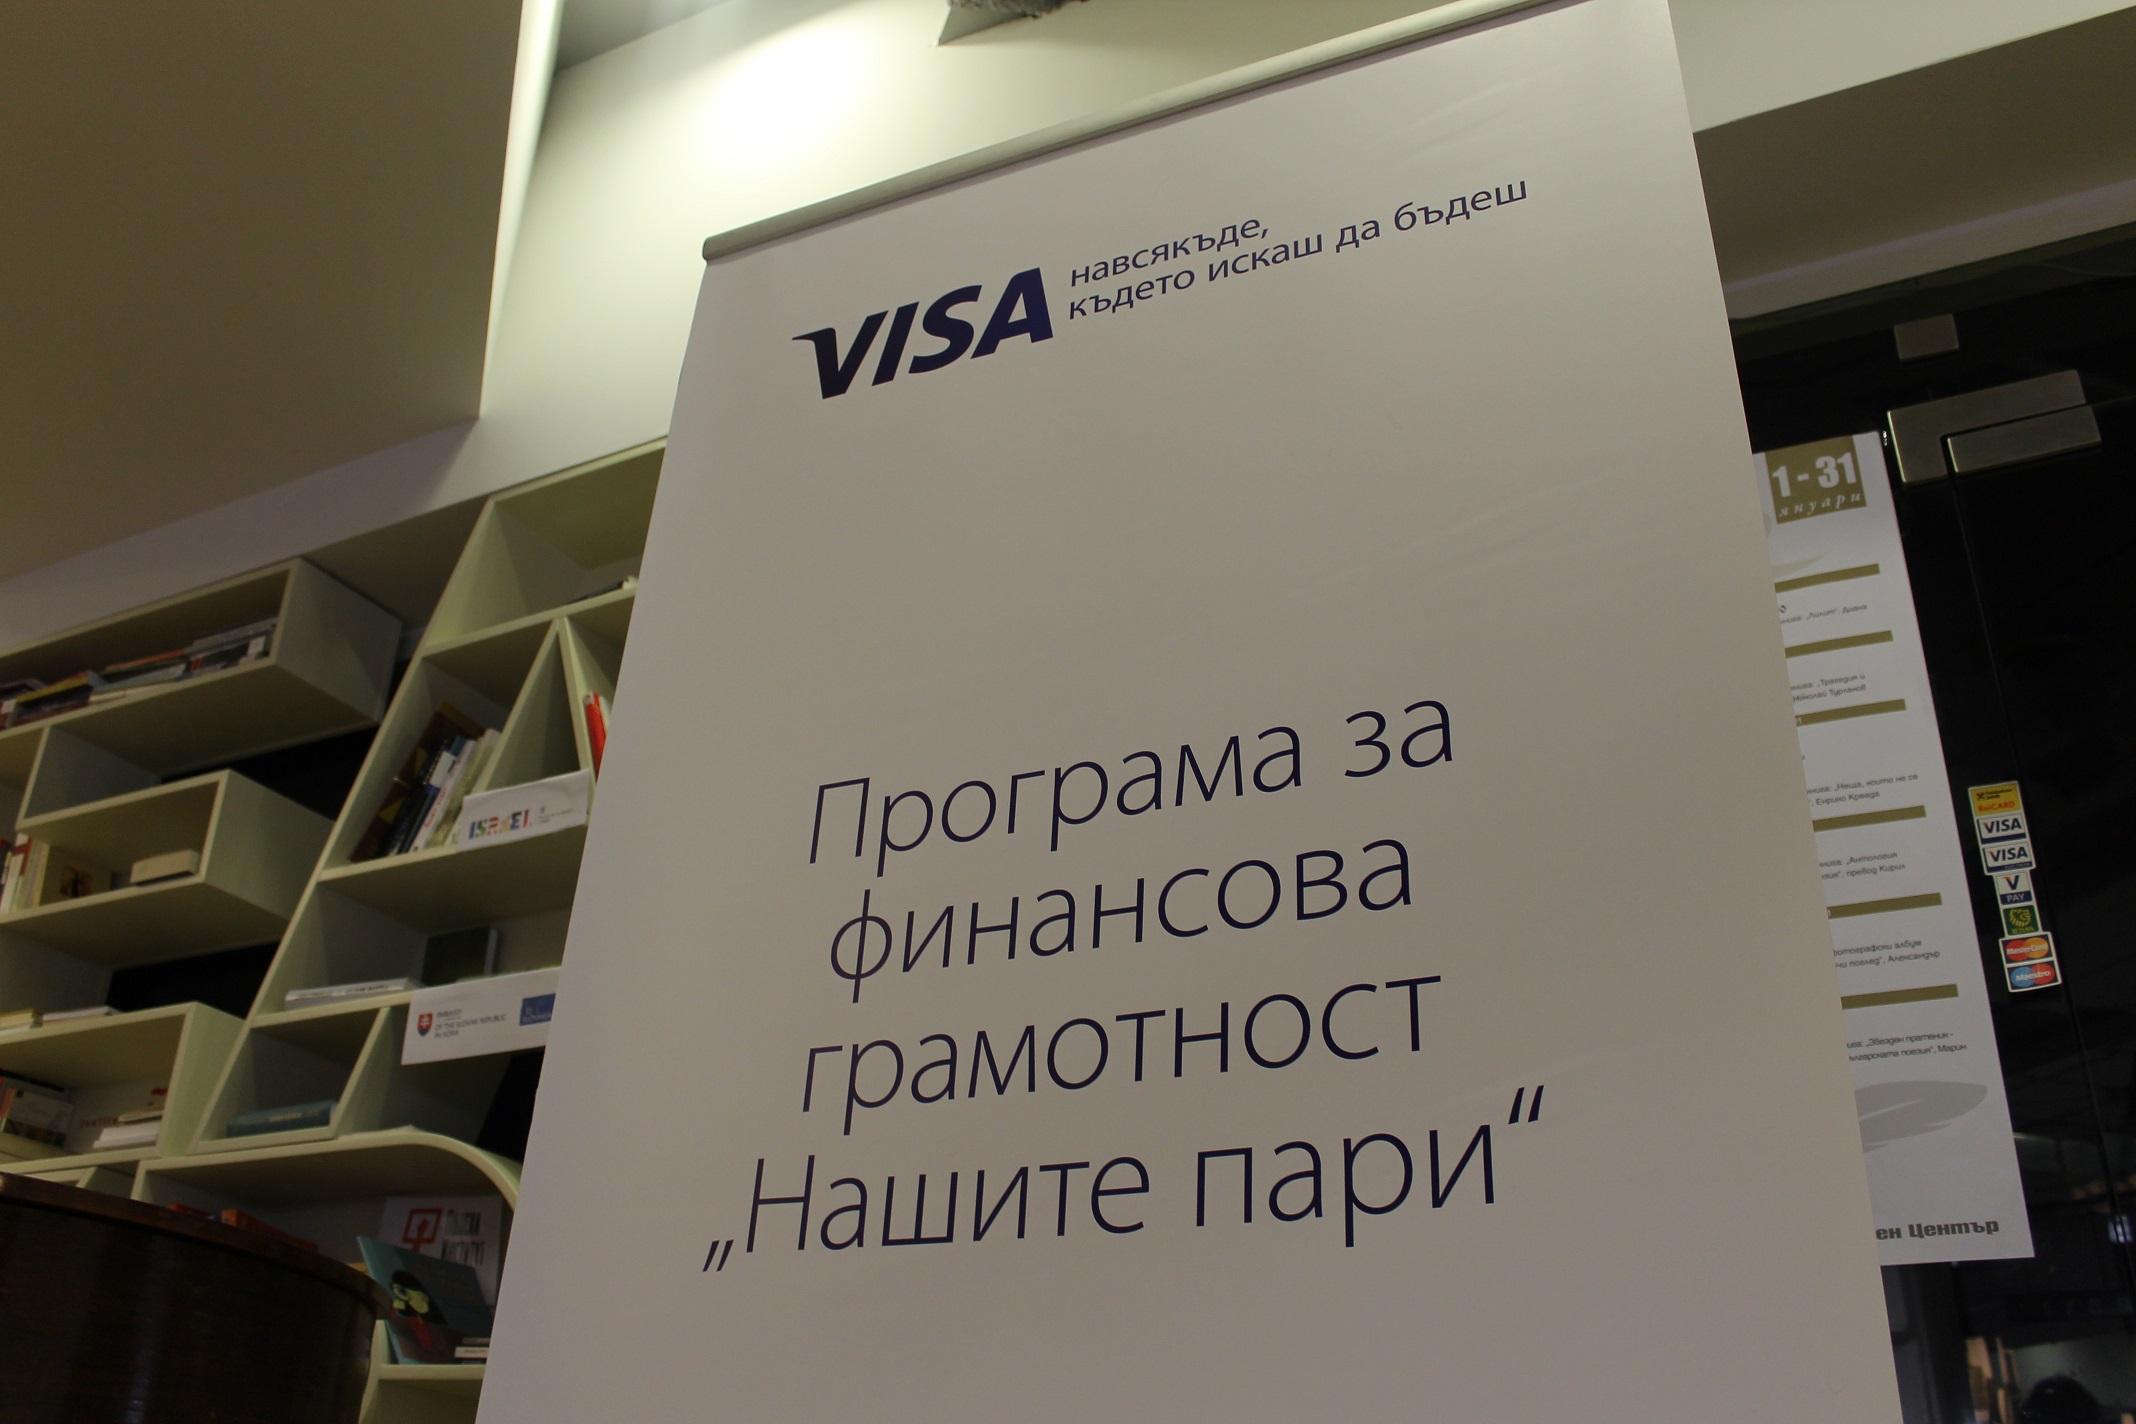 Finansova gramotnost - Visa